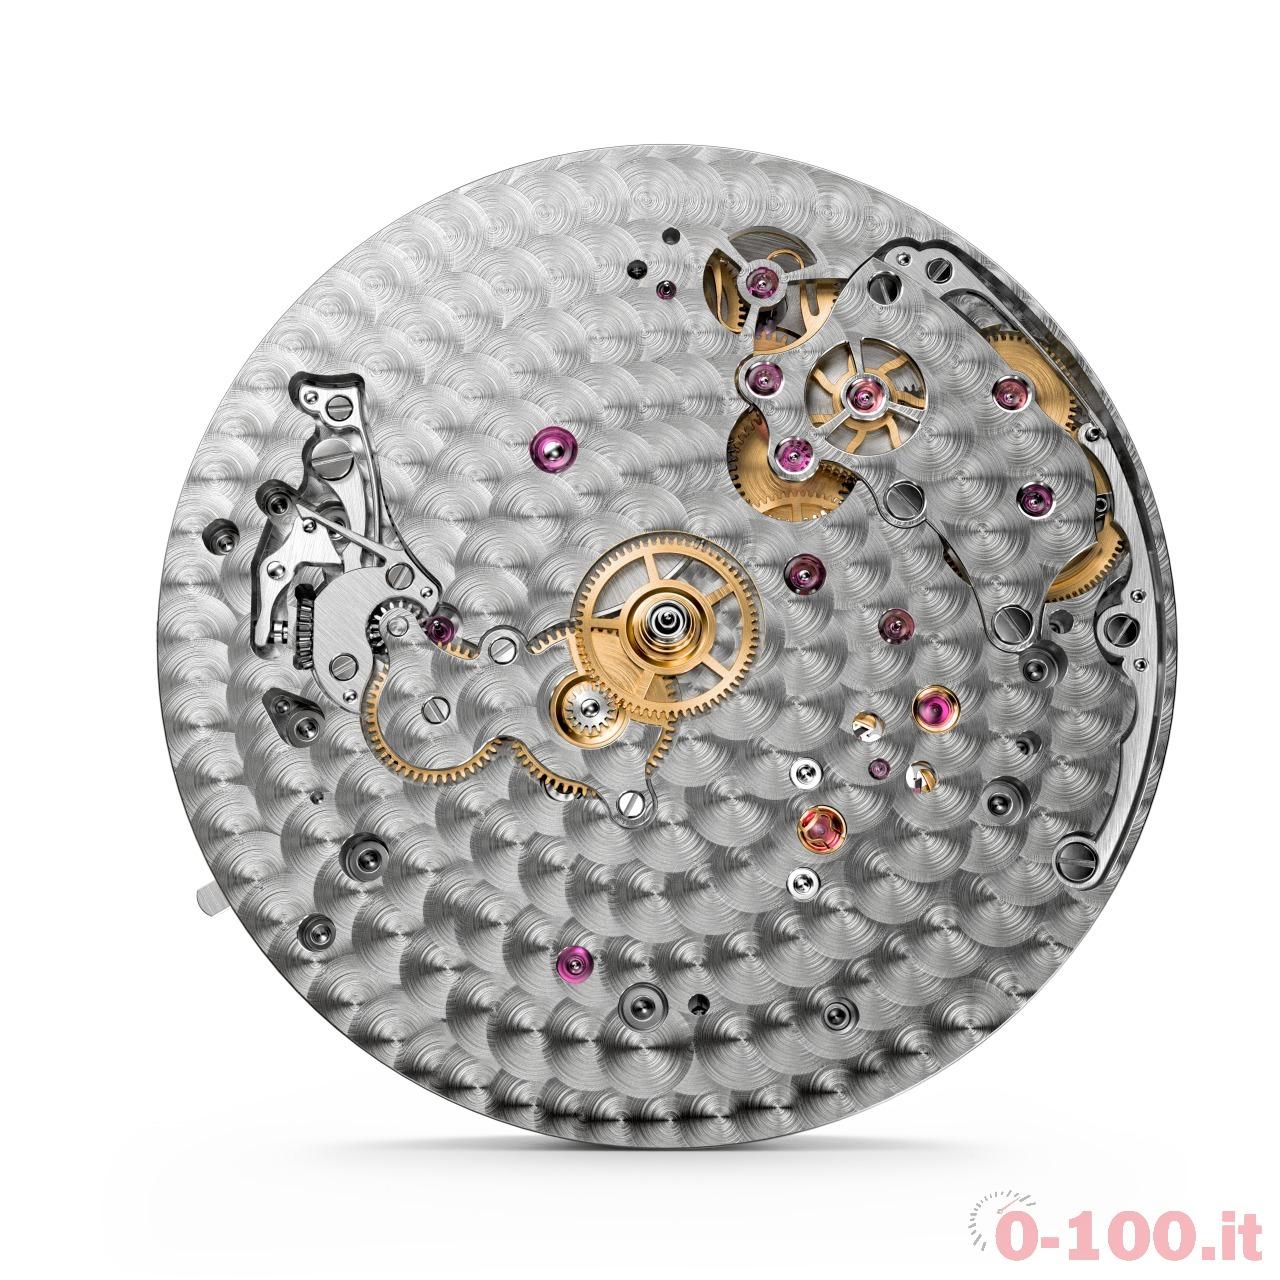 sihh-2015-vacheron-constantin-harmony-cronografo-grande-complicazione-ultra-piatto-calibro-3500-ref-5400s000p-b057-limited-edition_0-100_6